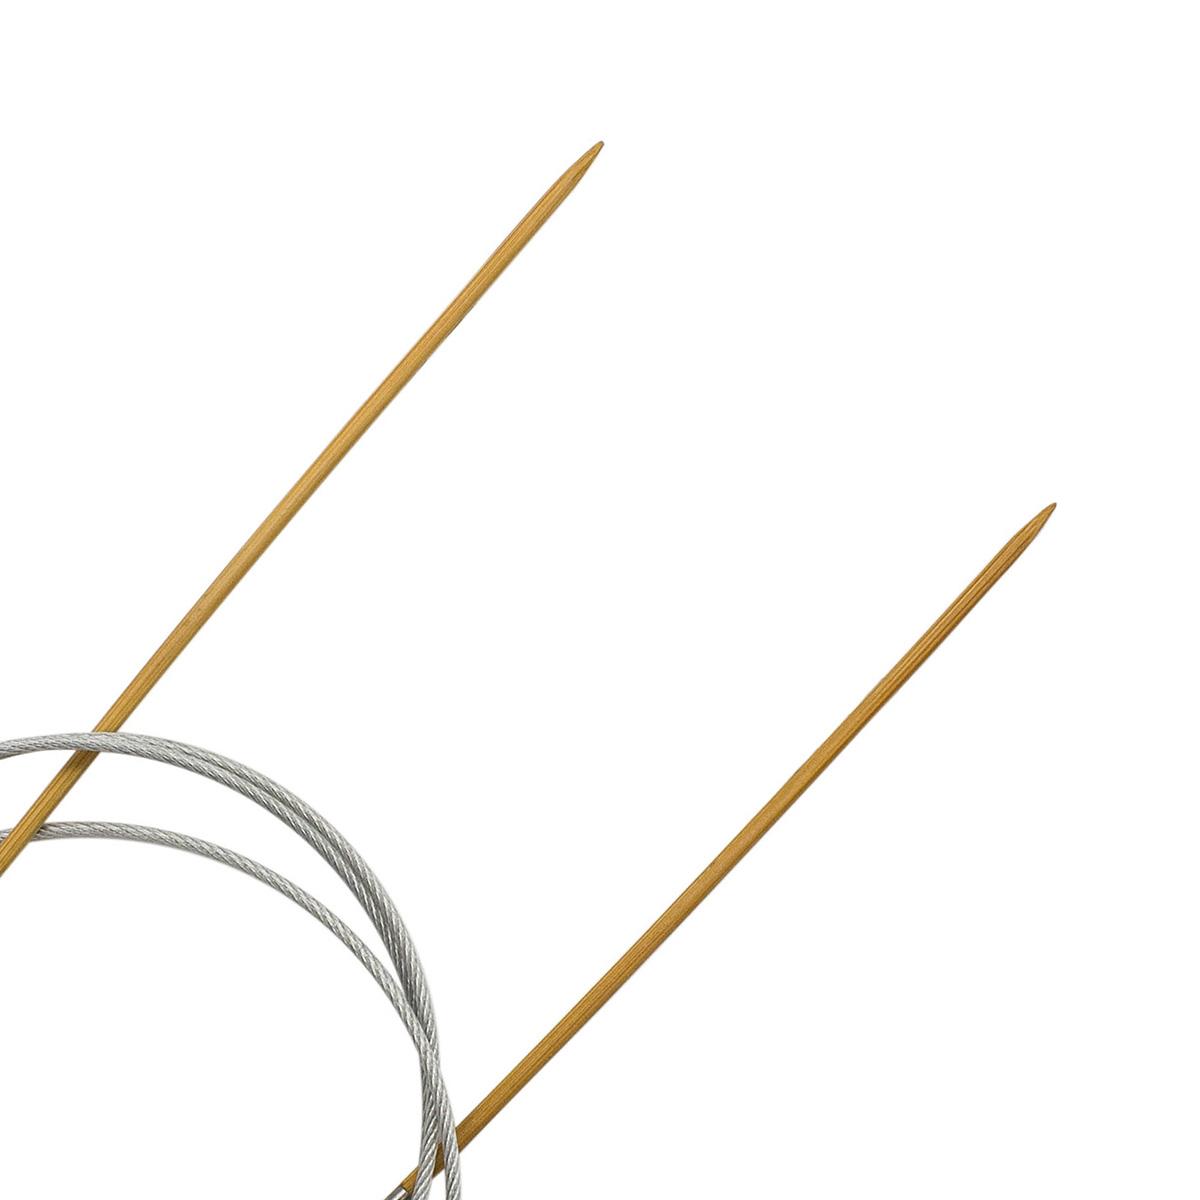 Спицы круговые бамбук с металлическим тросиком 942720, 100 см, 2,0 мм, Hobby&Pro